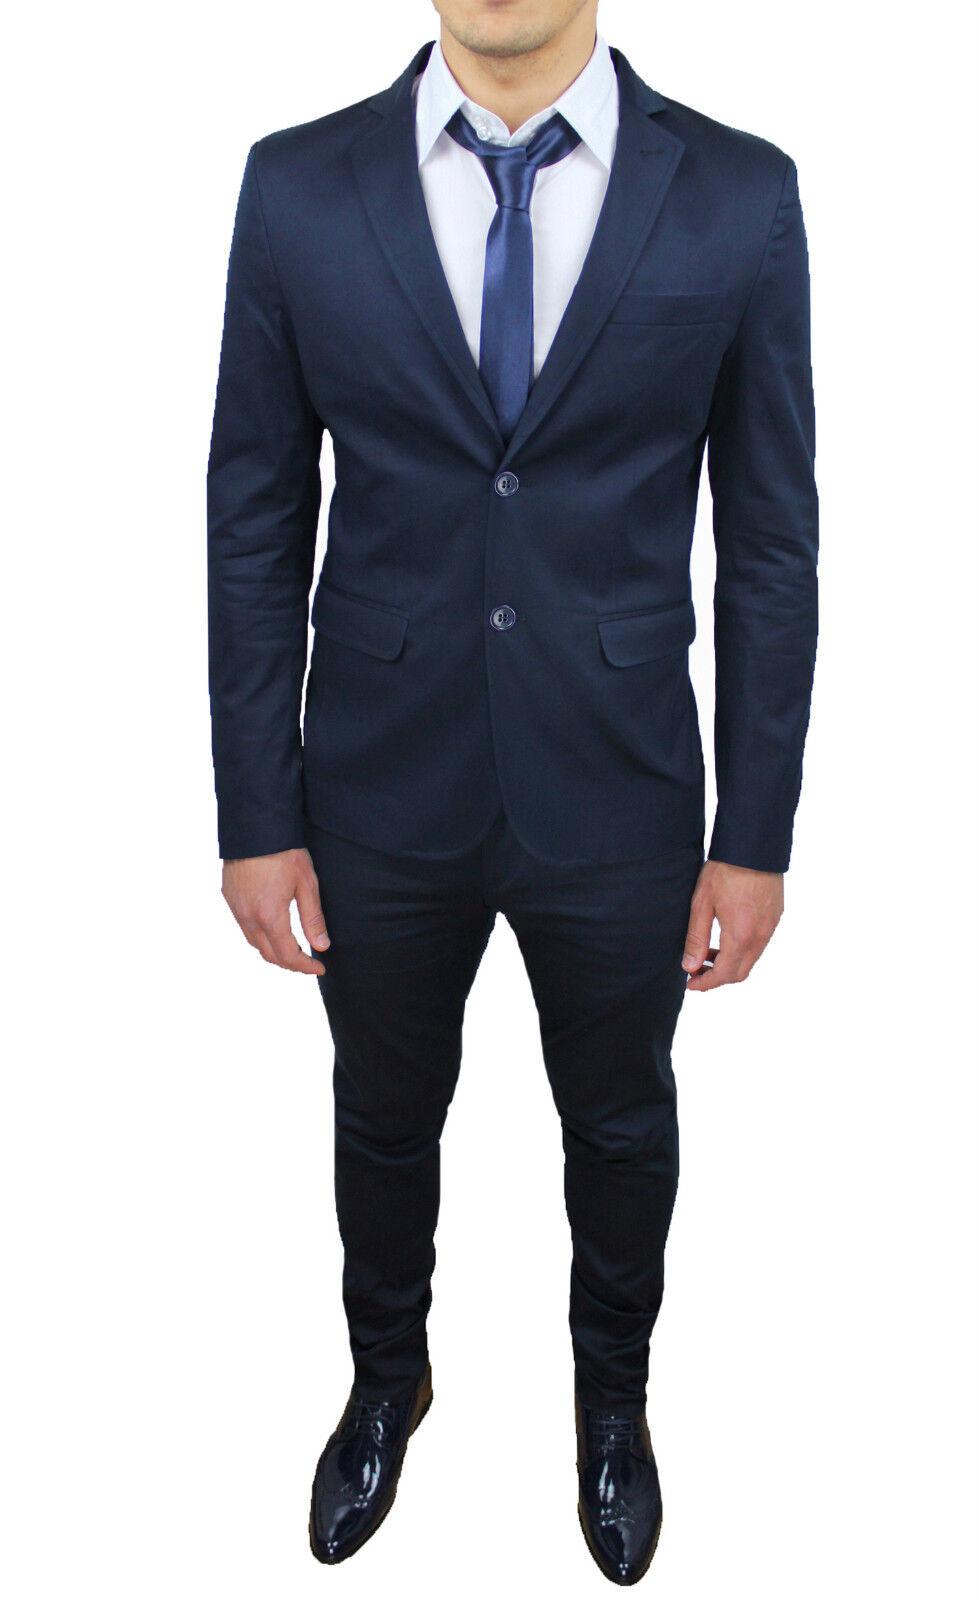 Completo Blu Fit Sartoriale Uomo Aderente Abito Slim Vestito O6cEYROq